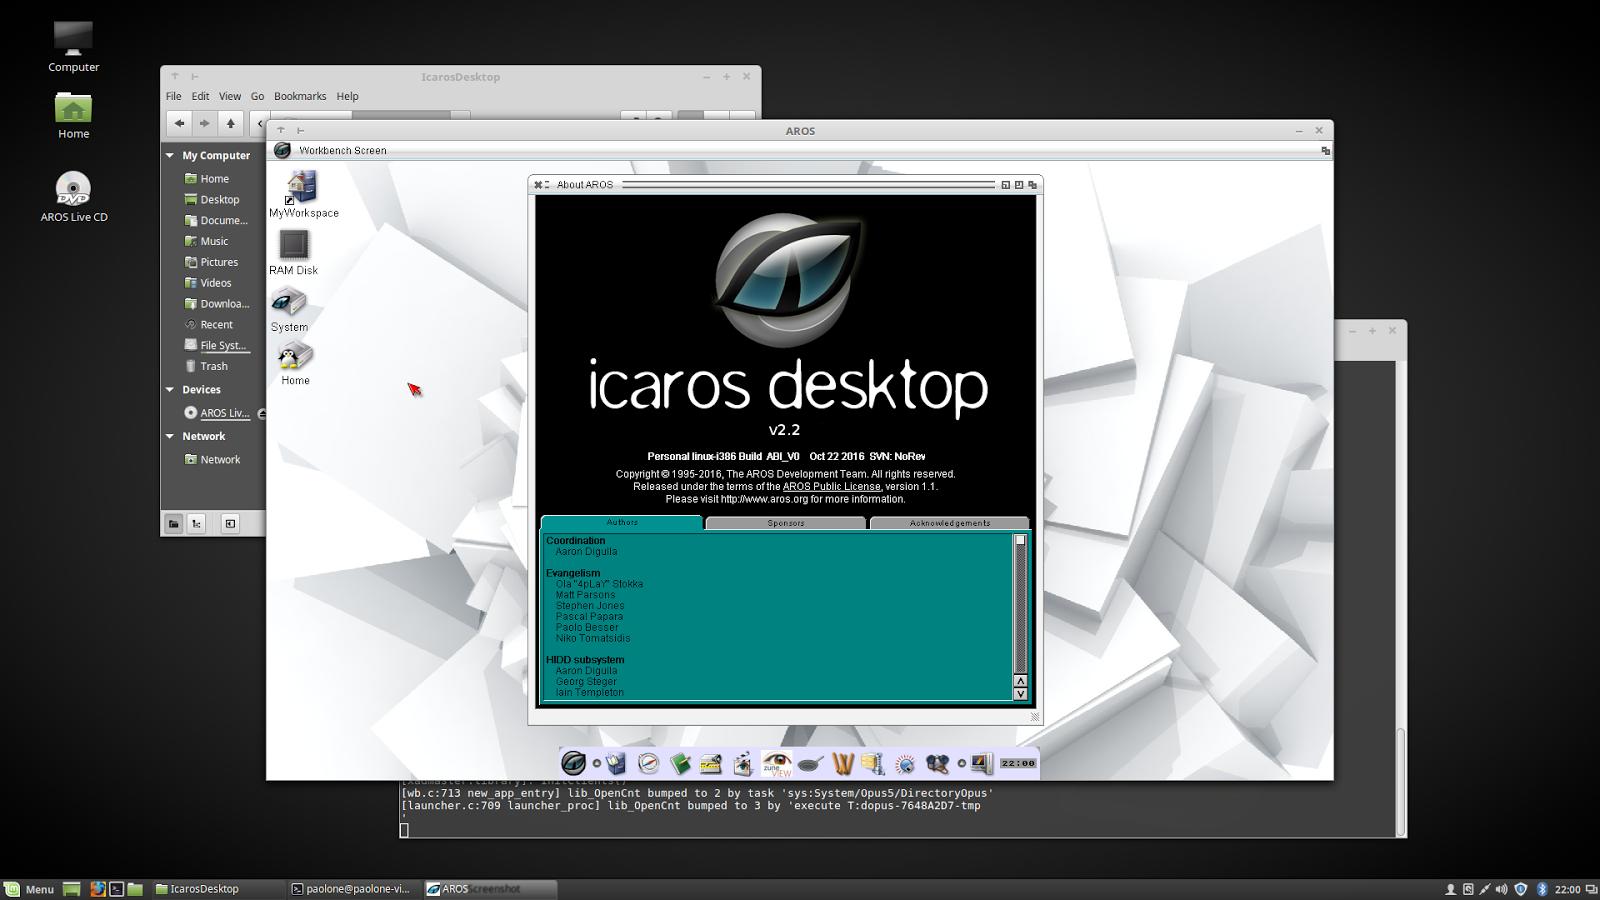 Native or hosted on Linux? Both! - Icaros Desktop